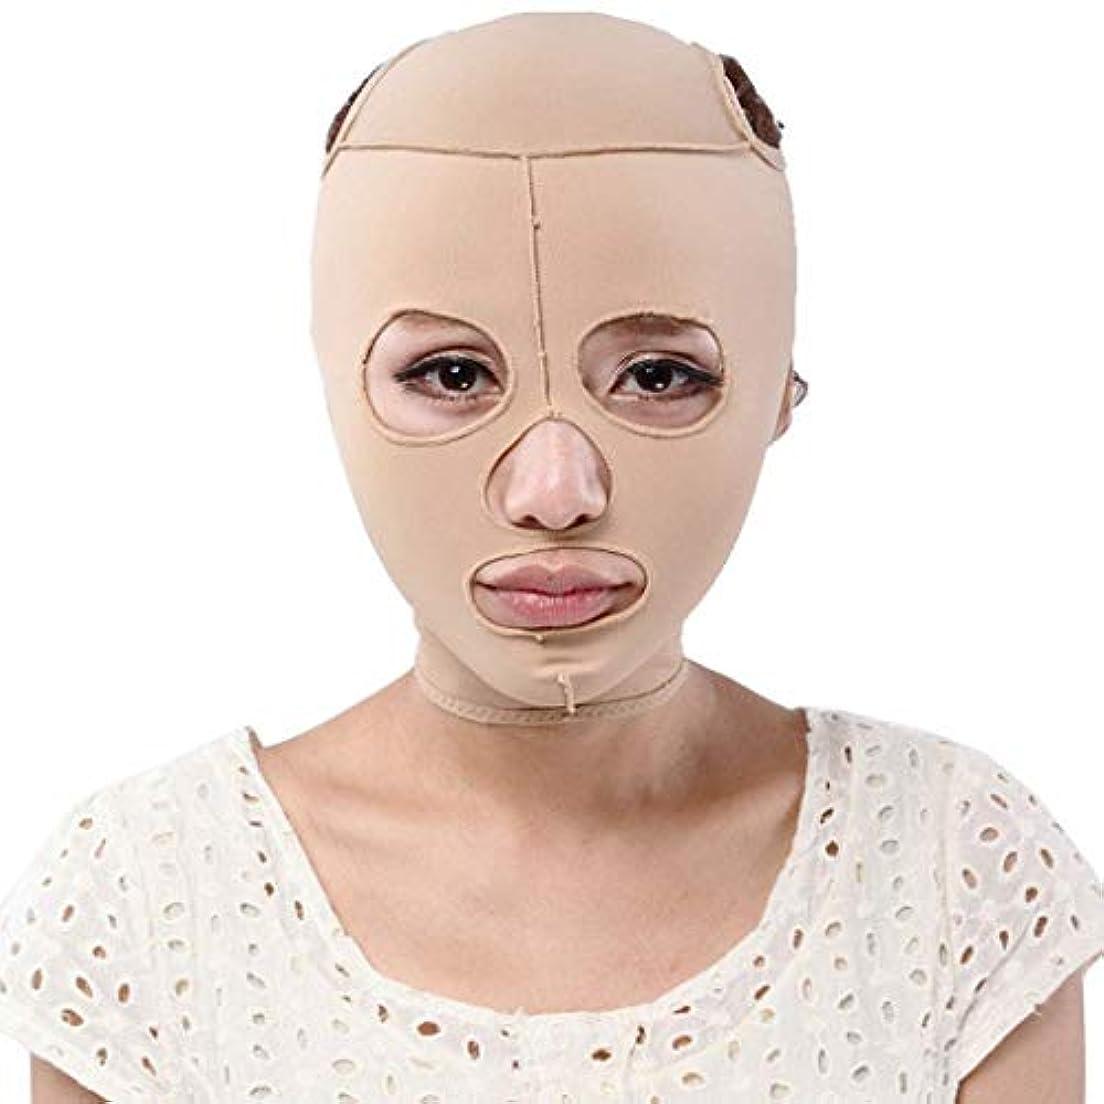 資金結果動物フェイシャルスリミングマスク、フェイスリフティング包帯Vフェイスリフティングおよびリフティング/チンブラッシュスリムボディリダクションダブルチン減量包帯通気性、肌(XL) (S)